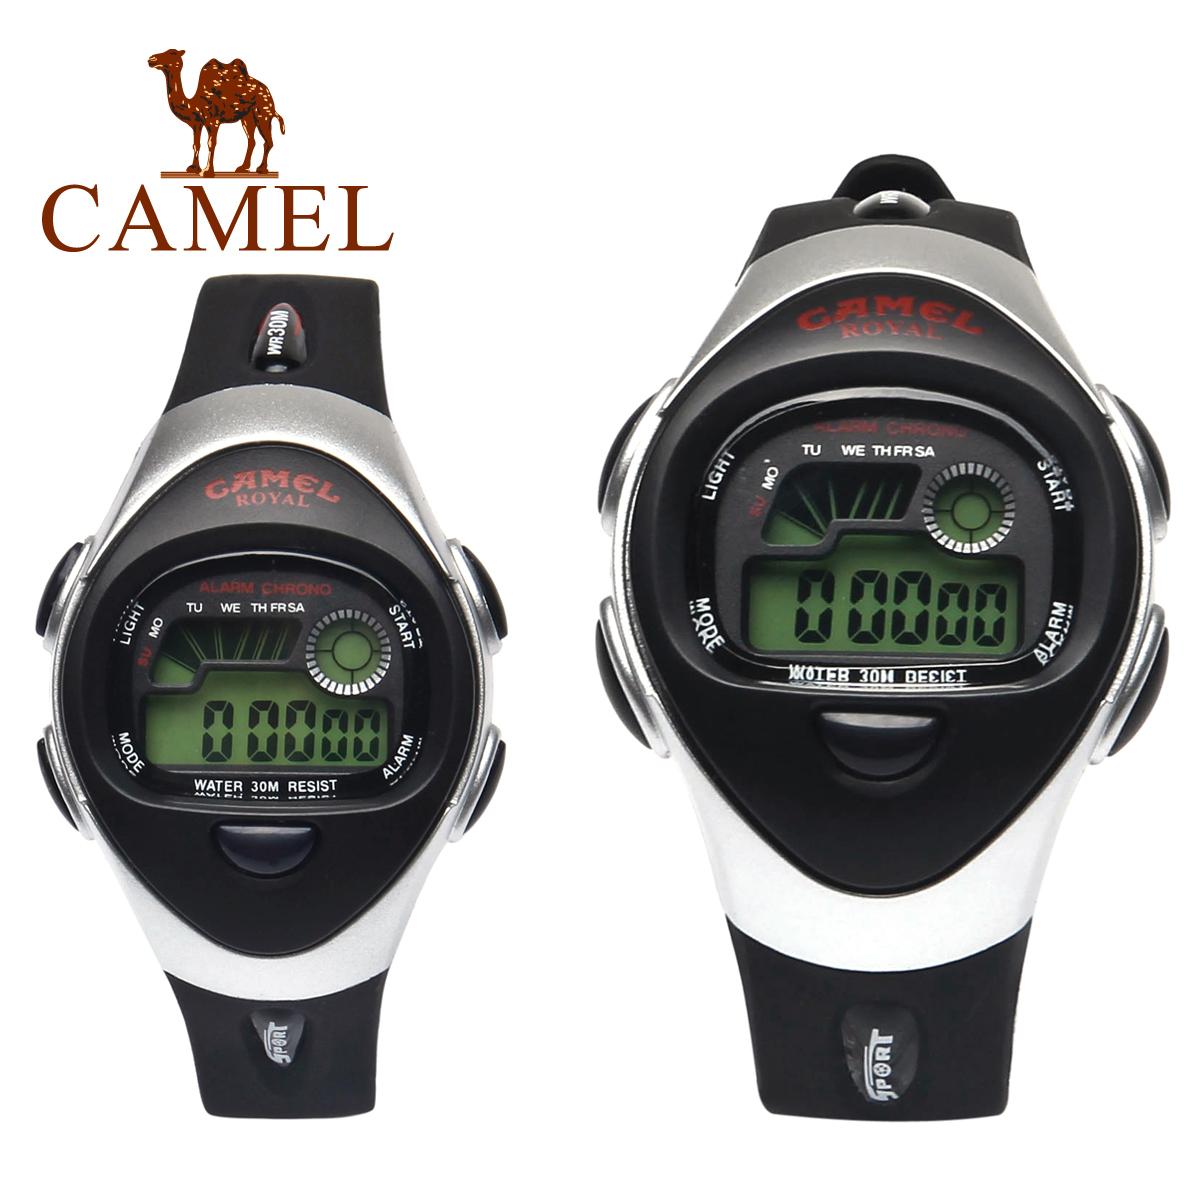 骆驼户外手表 运动休闲 电子手表 情侣款 2SA456B